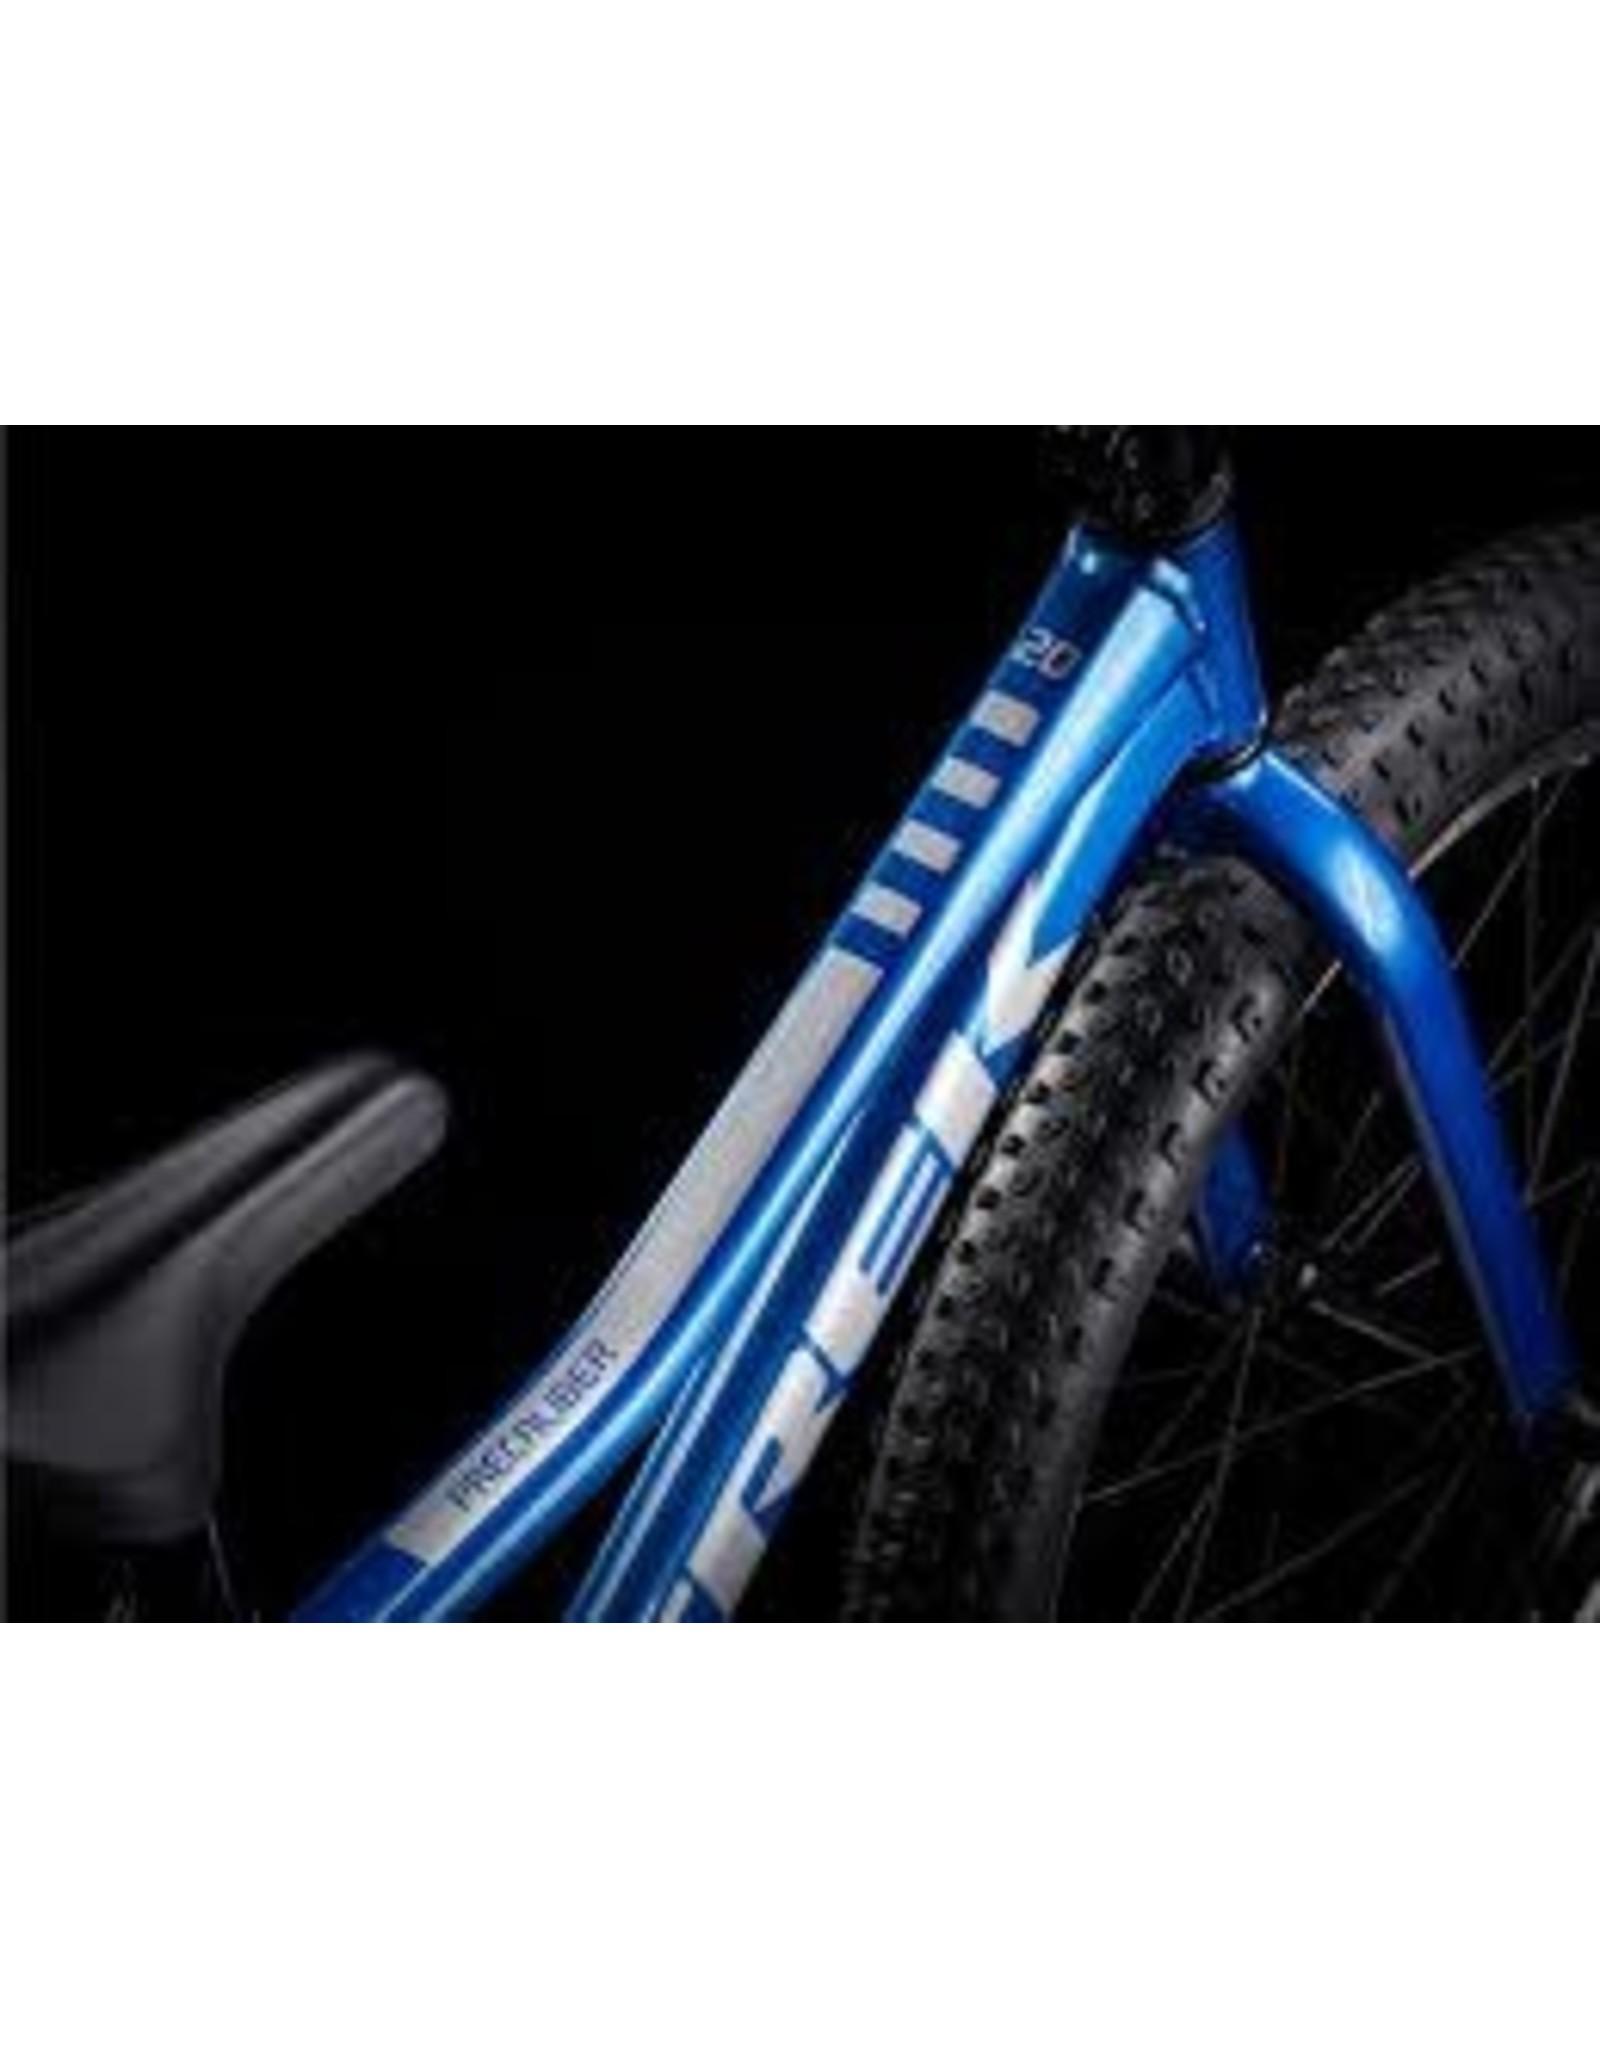 TREK BIKE TREK PRECALIBER 20 SINGLE SPEED ALPINE BLUE